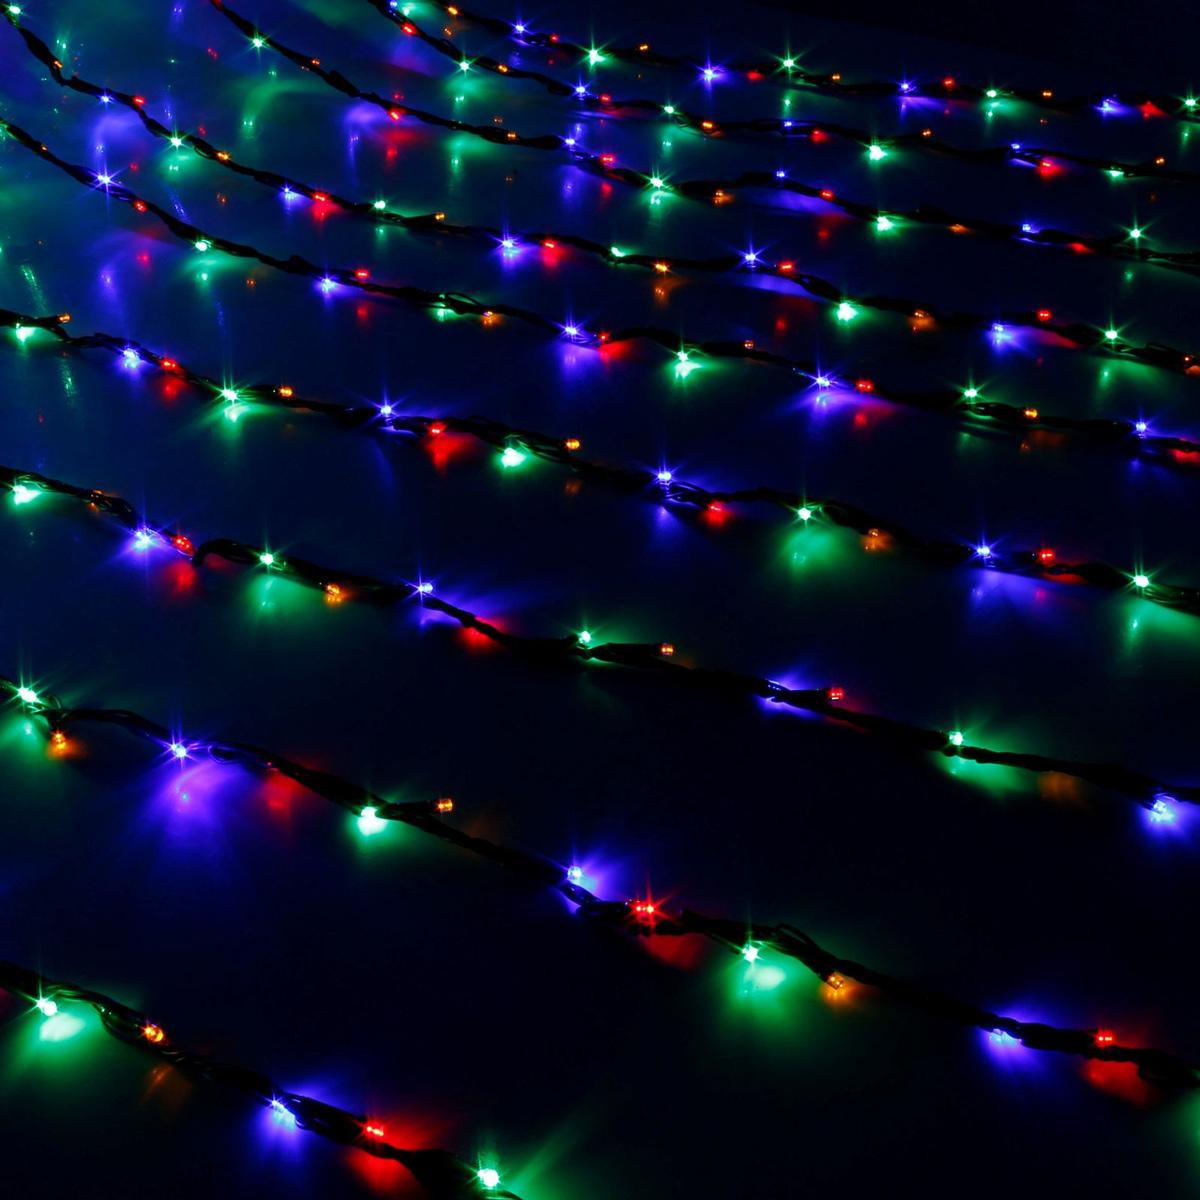 Гирлянда светодиодная Luazon Дождь, уличная, 8 режимов, 1500 ламп, 220 V, цвет: мультиколор, 2 х 6 м. 671678187319Светодиодные гирлянды, ленты и т.д — это отличный вариант для новогоднего оформления интерьера или фасада. С их помощью помещение любого размера можно превратить в праздничный зал, а внешние элементы зданий, украшенные ими, мгновенно станут напоминать очертания сказочного дворца. Такие украшения создают ауру предвкушения чуда. Деревья, фасады, витрины, окна и арки будто специально созданы, чтобы вы украсили их светящимися нитями.